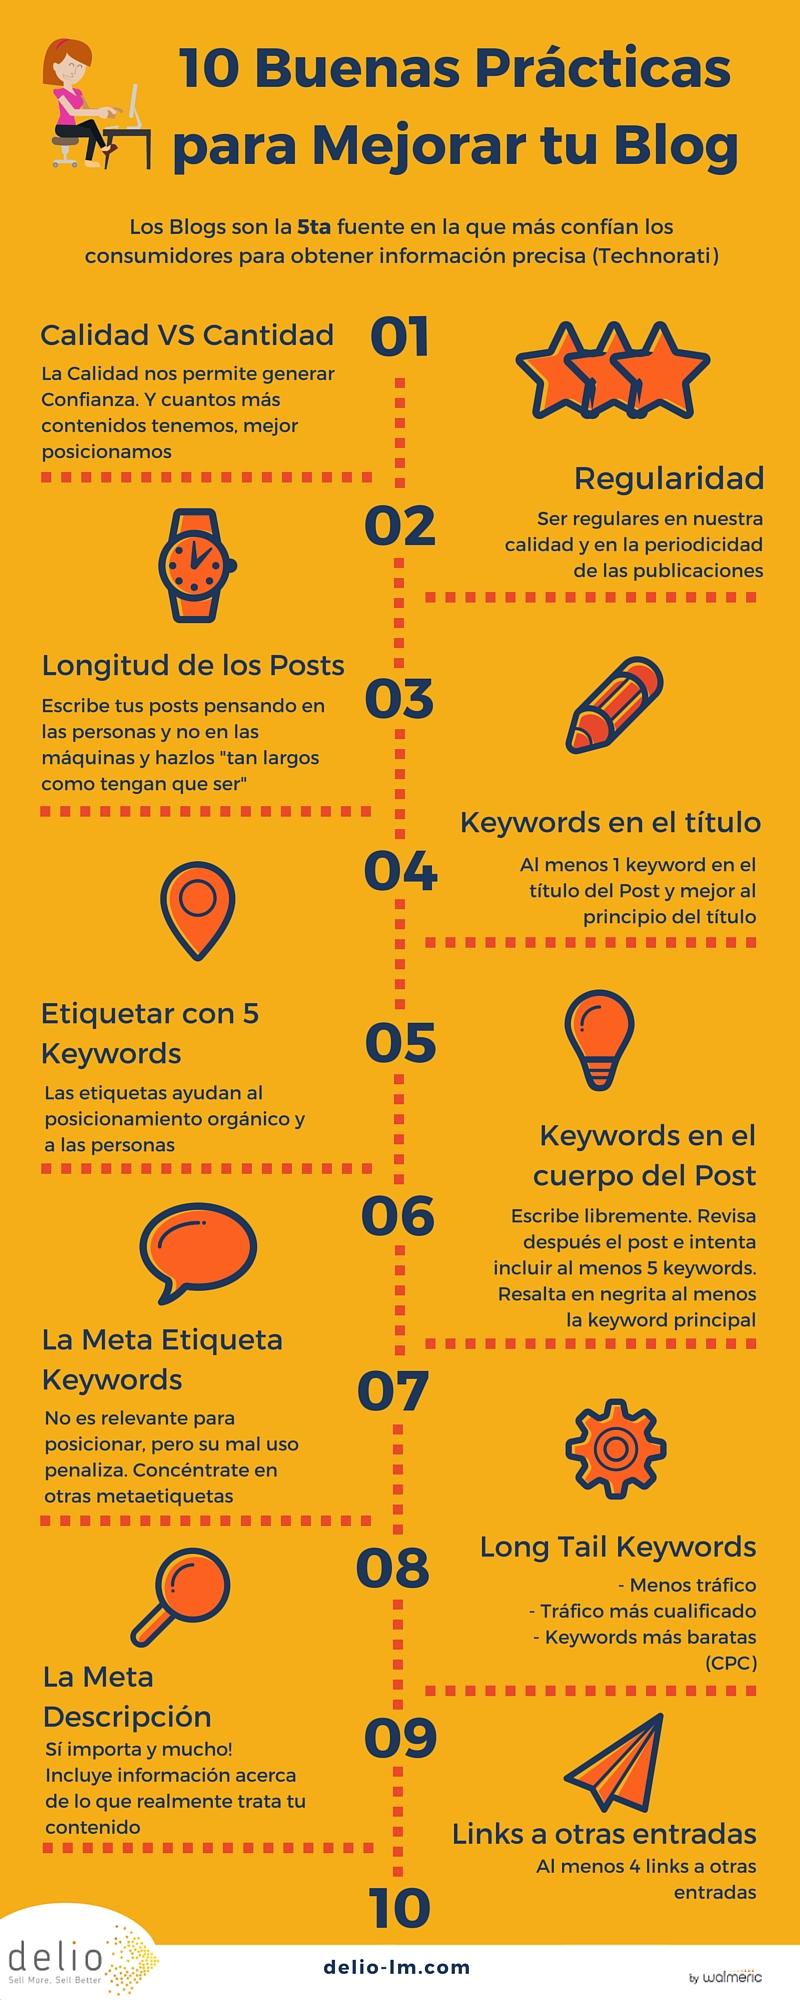 Infografía Delio 10 Buenas Prácticas para Mejorar tu Blog